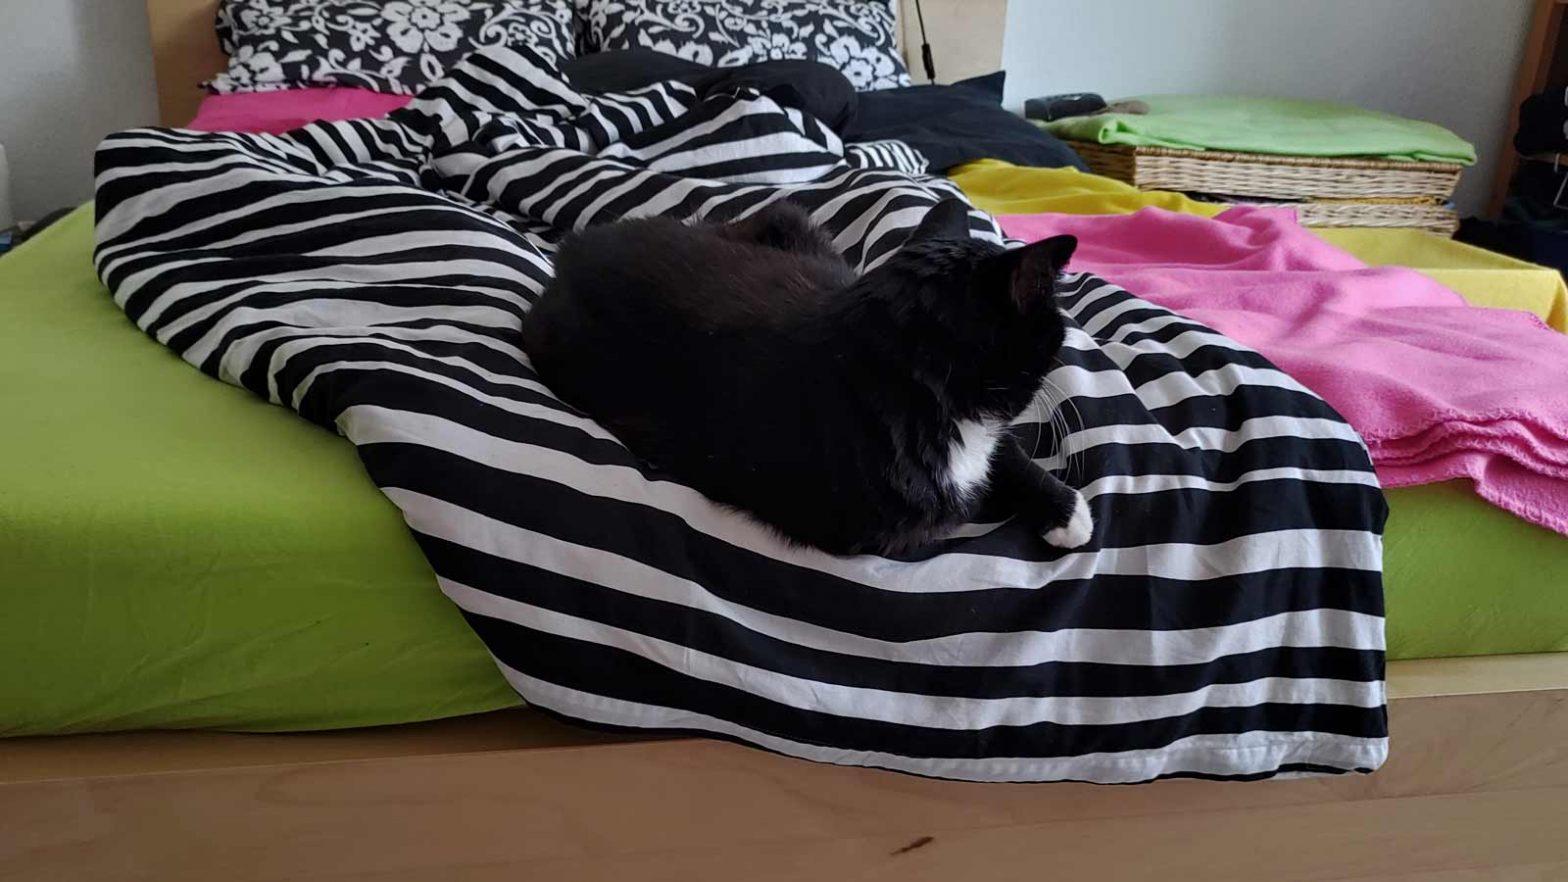 Katze liegt am Fußende vom Bett